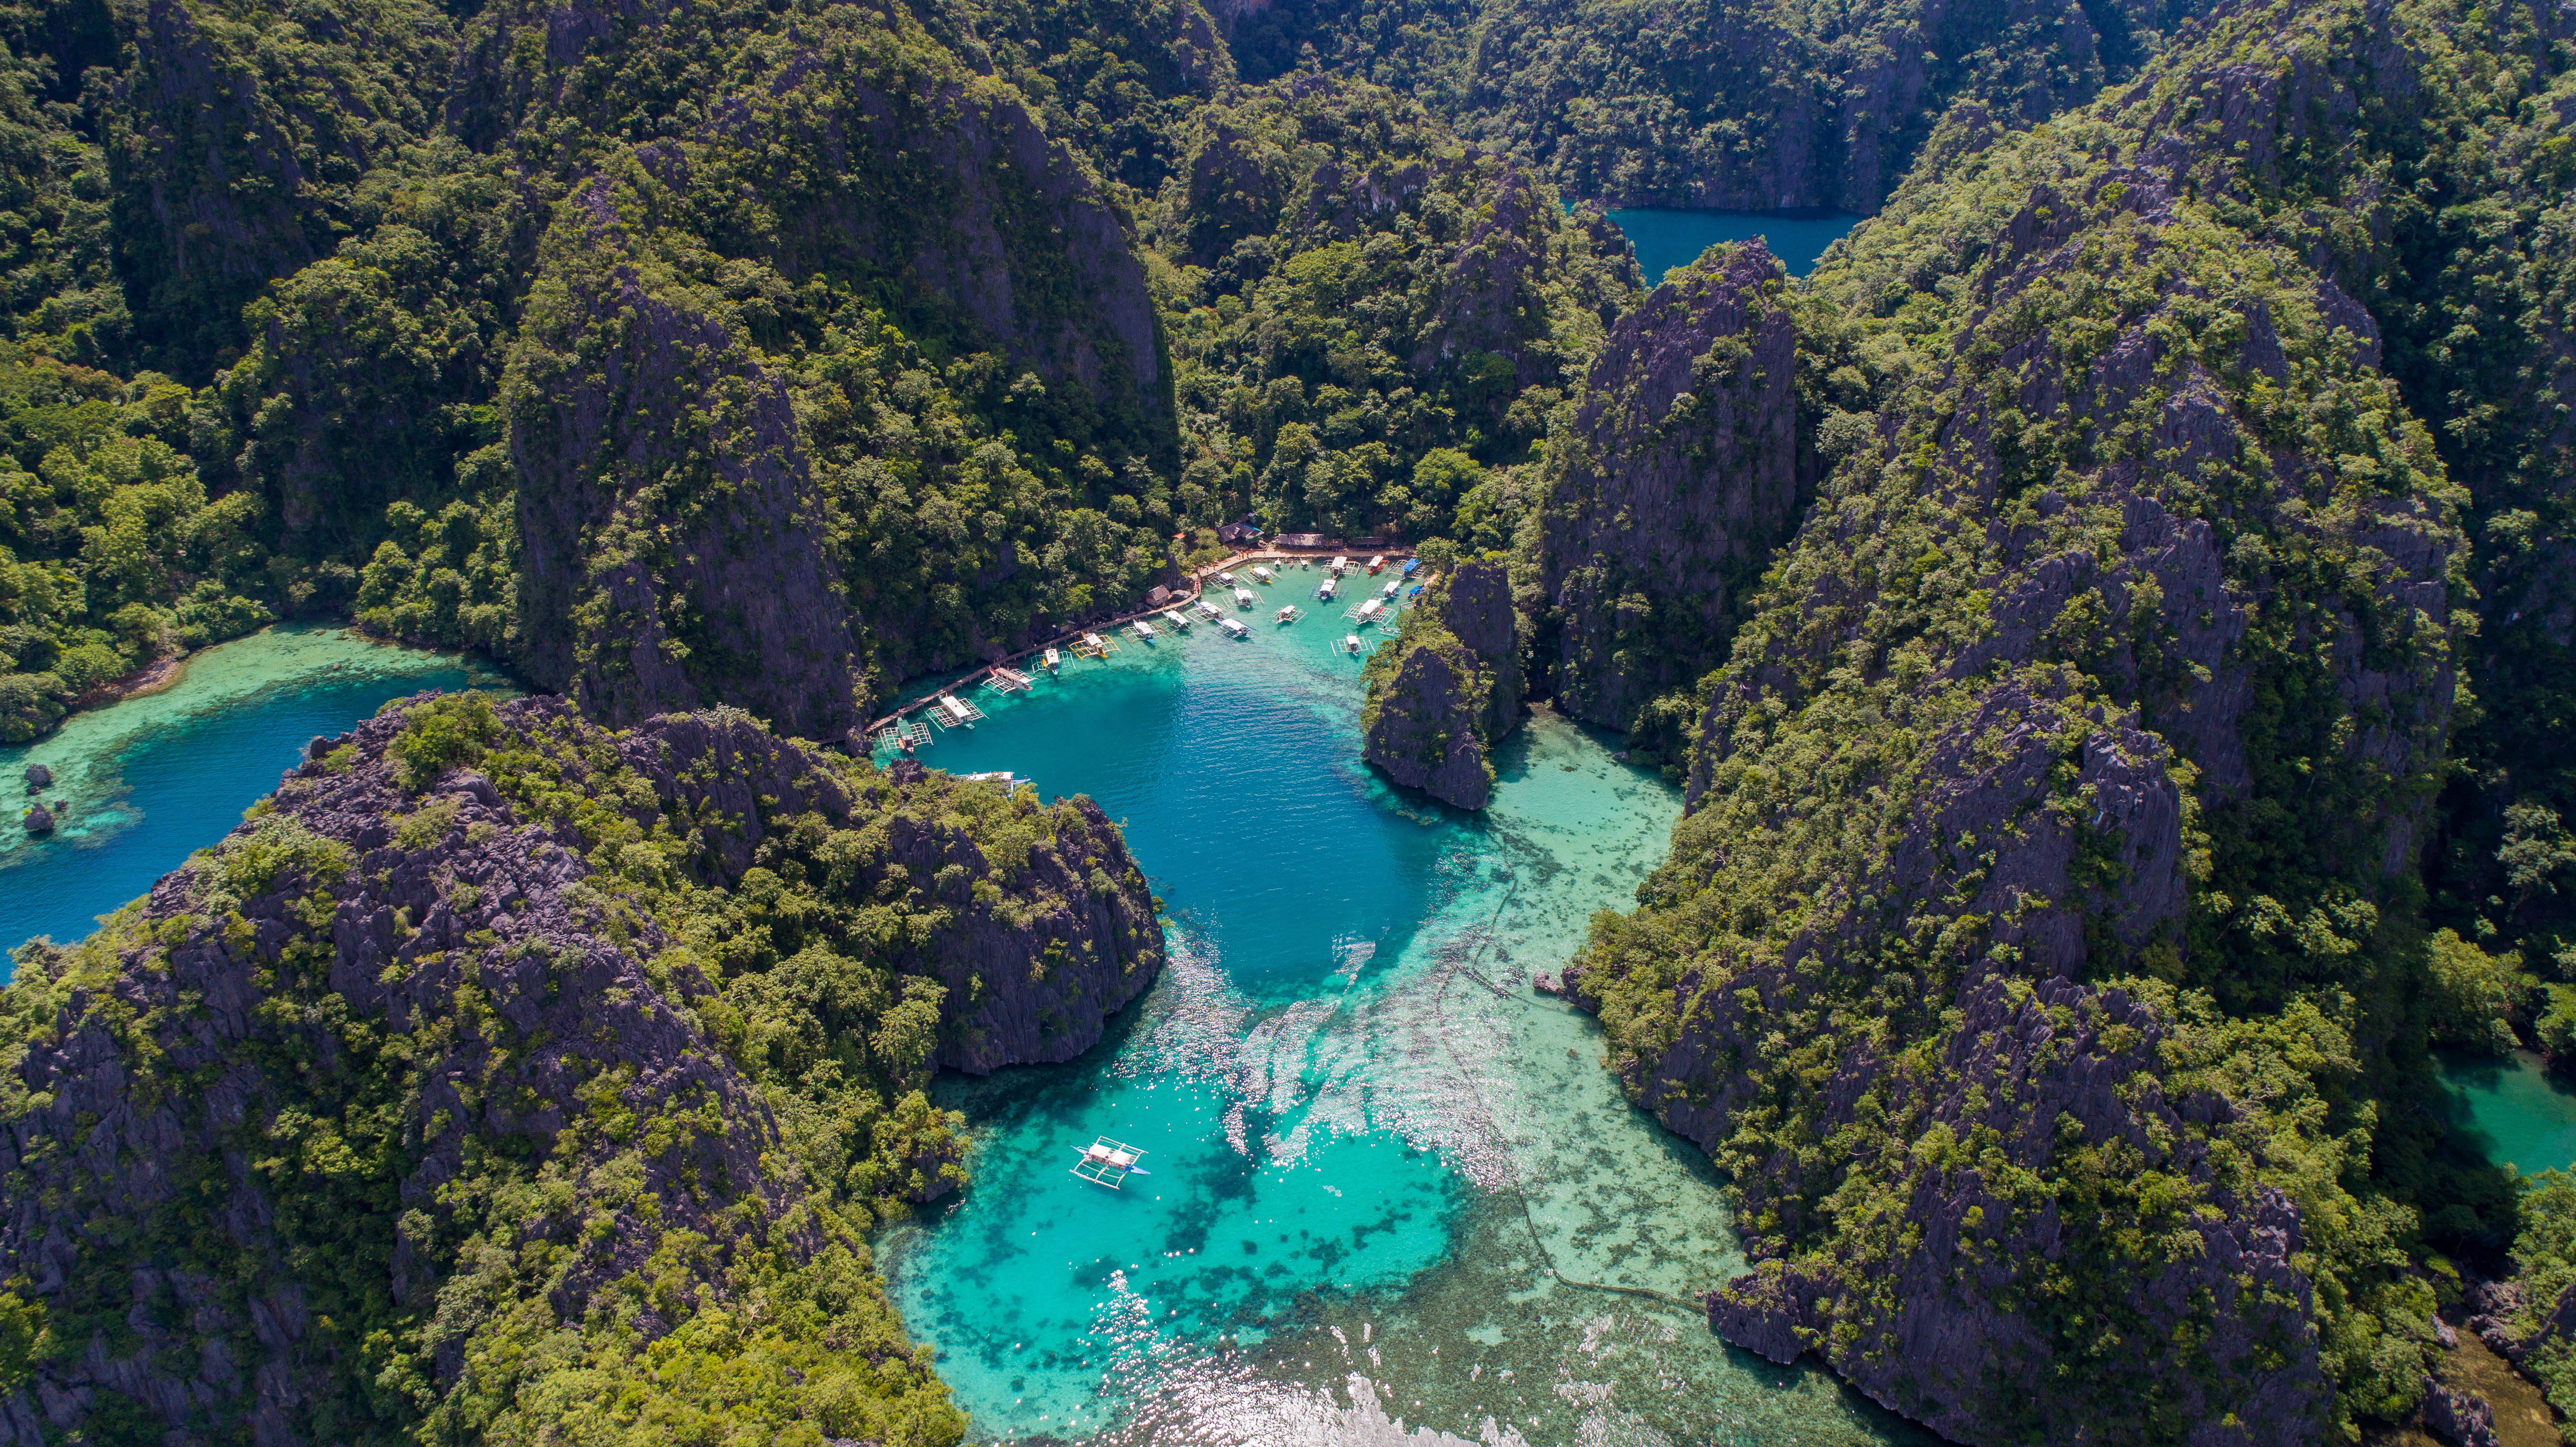 El Nido en Filipinas lo tiene todo y más para crear los destinos tropicales más memorables, envolviendo a cada visitante en un sol dorado y aguas turquesas sensuales. Conocida por las oportunidades de